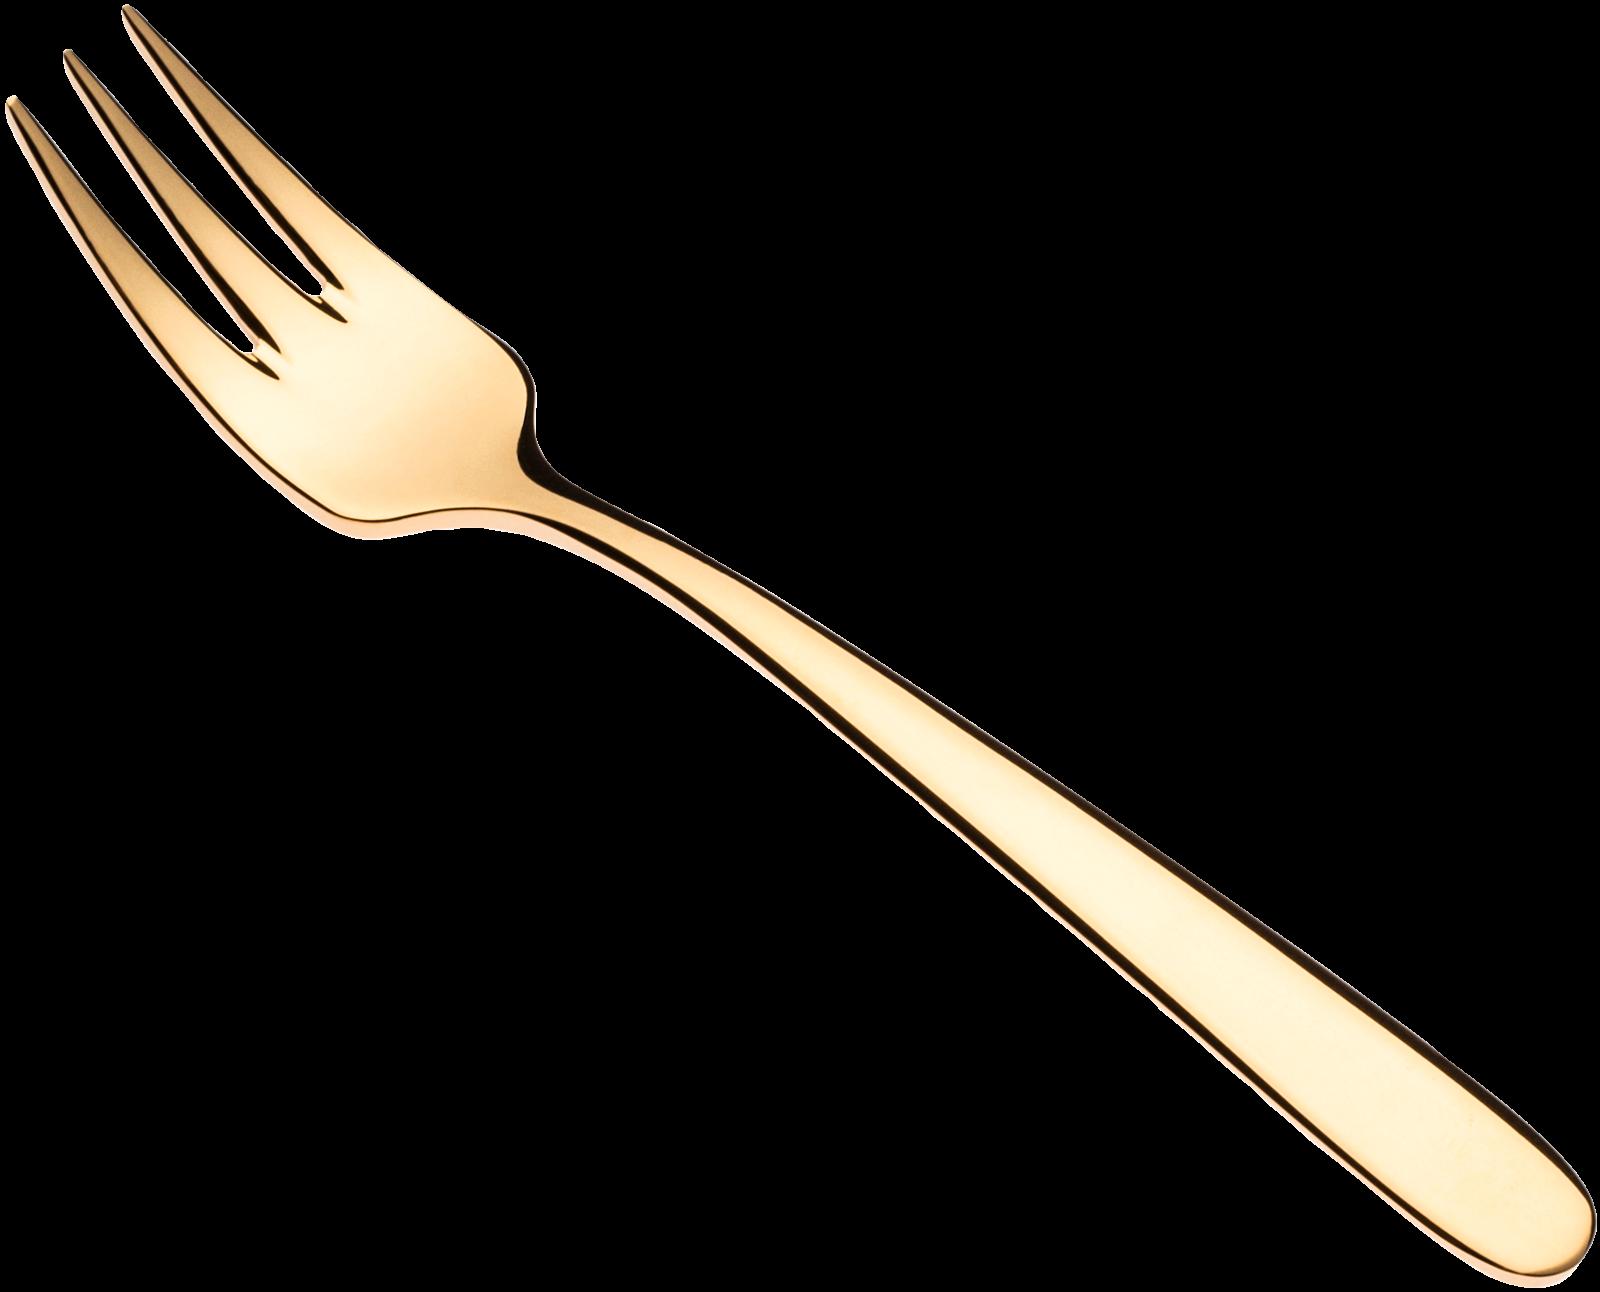 Fork clipart gold fork, Fork gold fork Transparent FREE ...